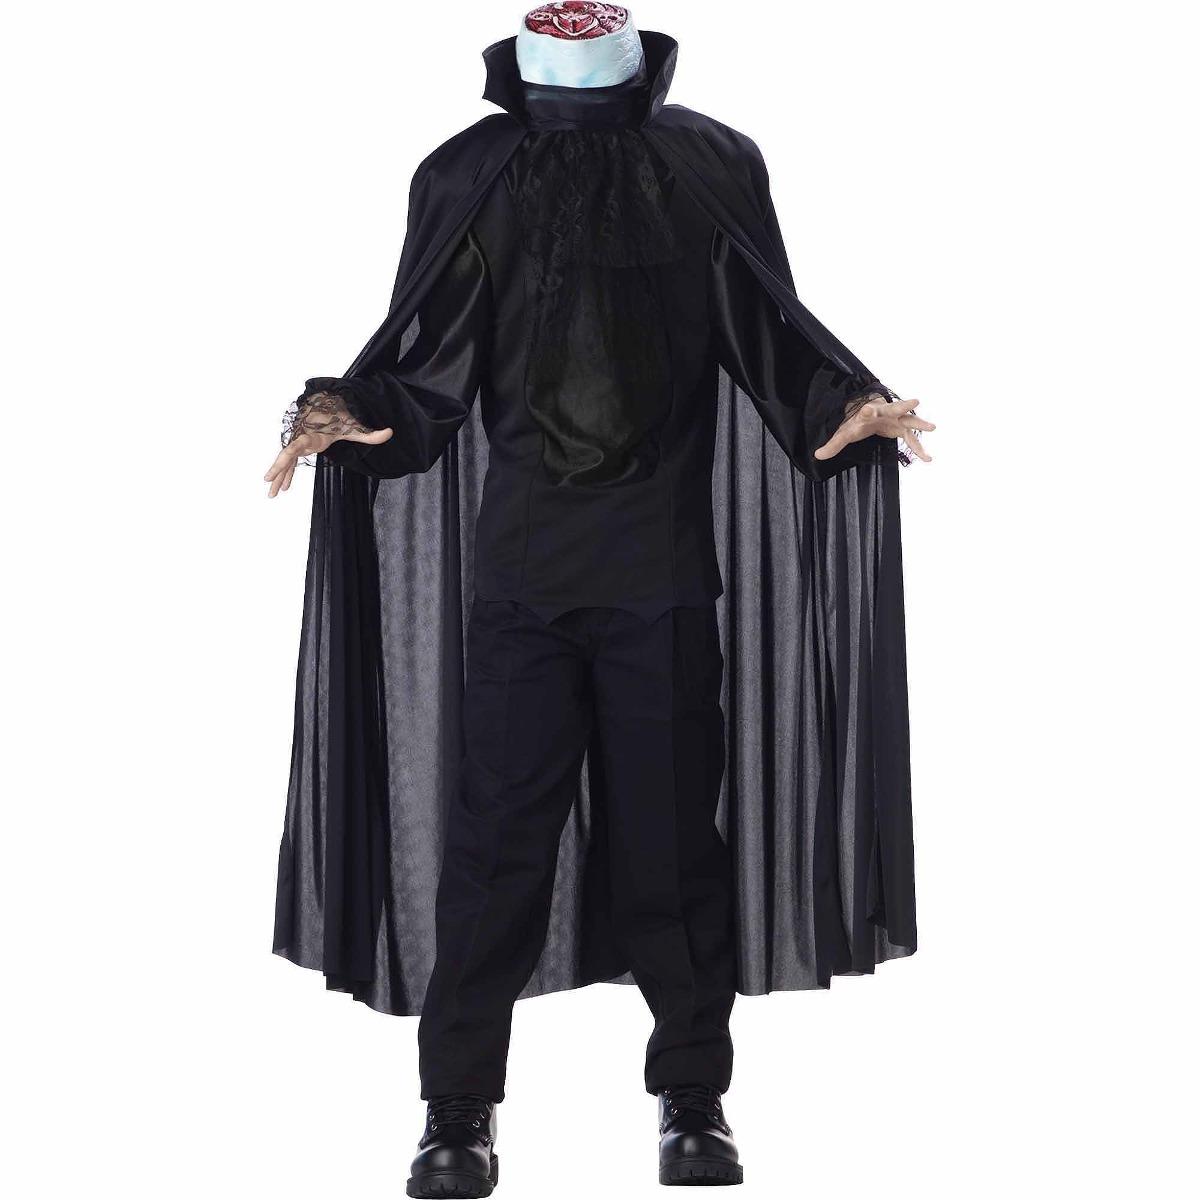 Jinete Sin Cabeza Nino Disfraces De Halloween 179550 En Mercado - Disfraces-sin-cabeza